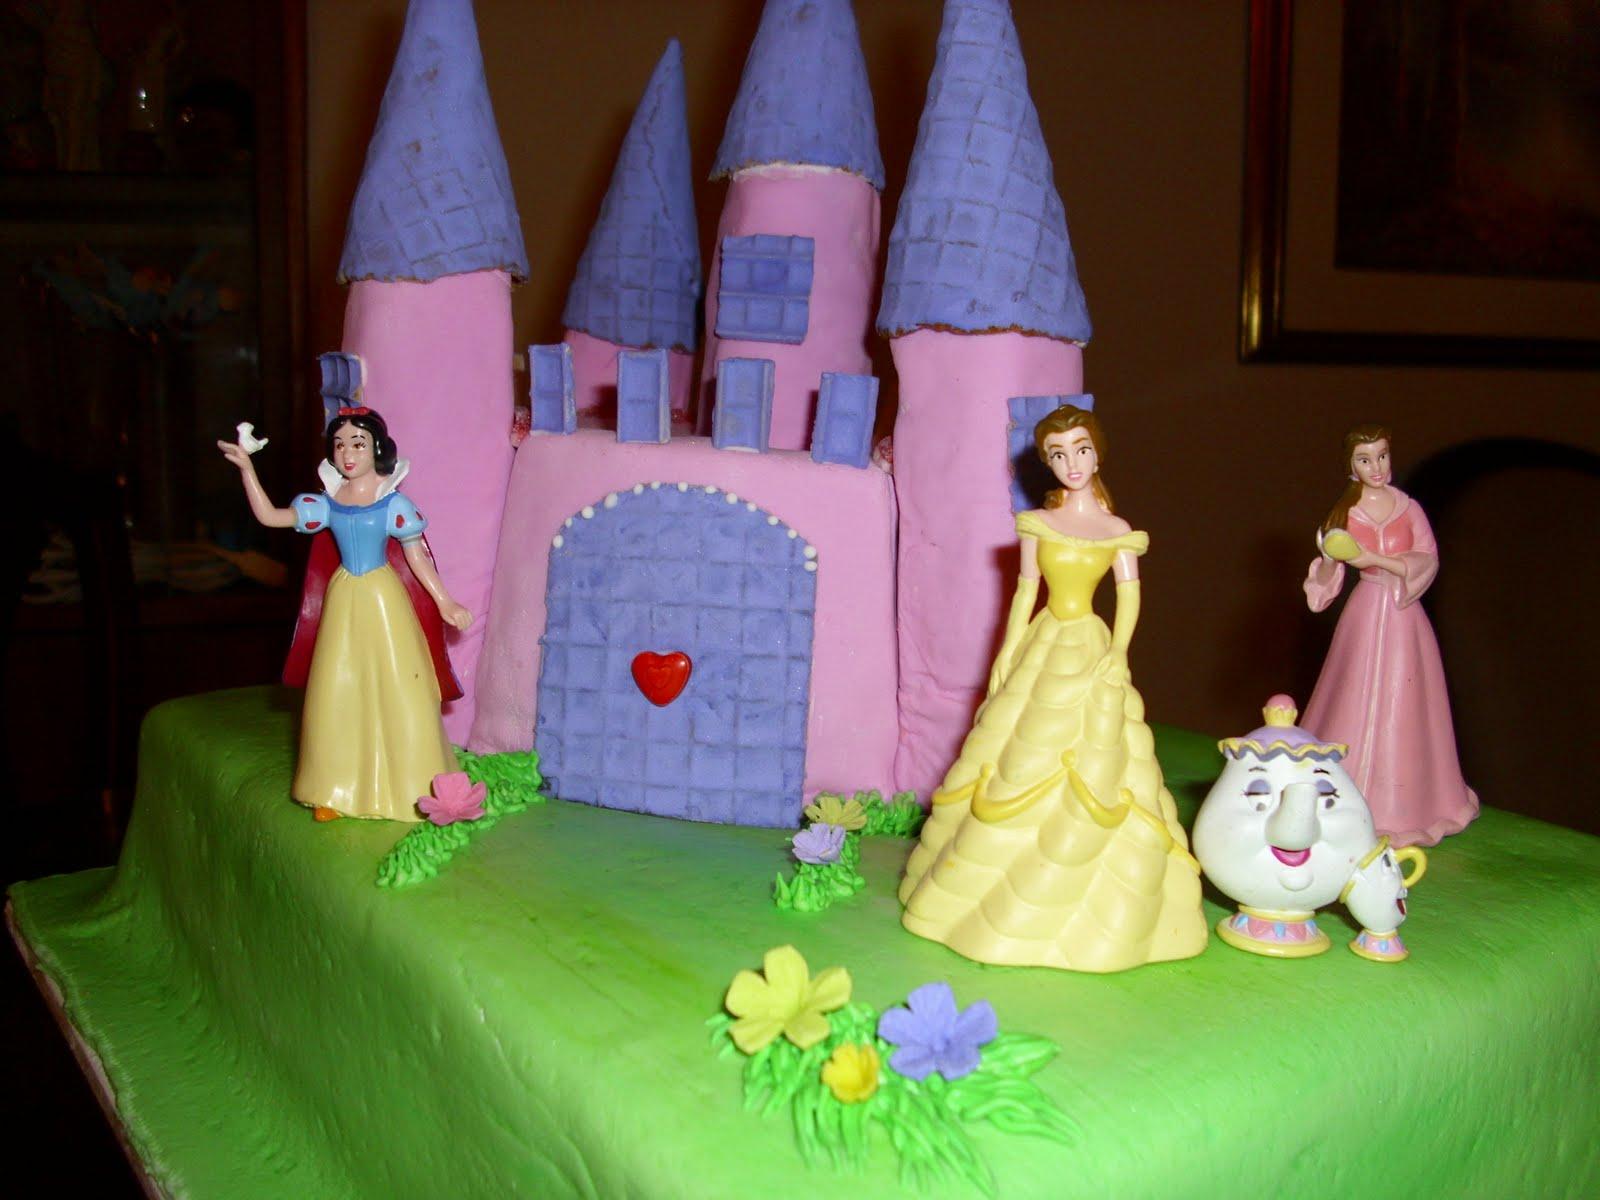 ... torta de celebración de cumpleaños, con el motivo de PRINCESAS como